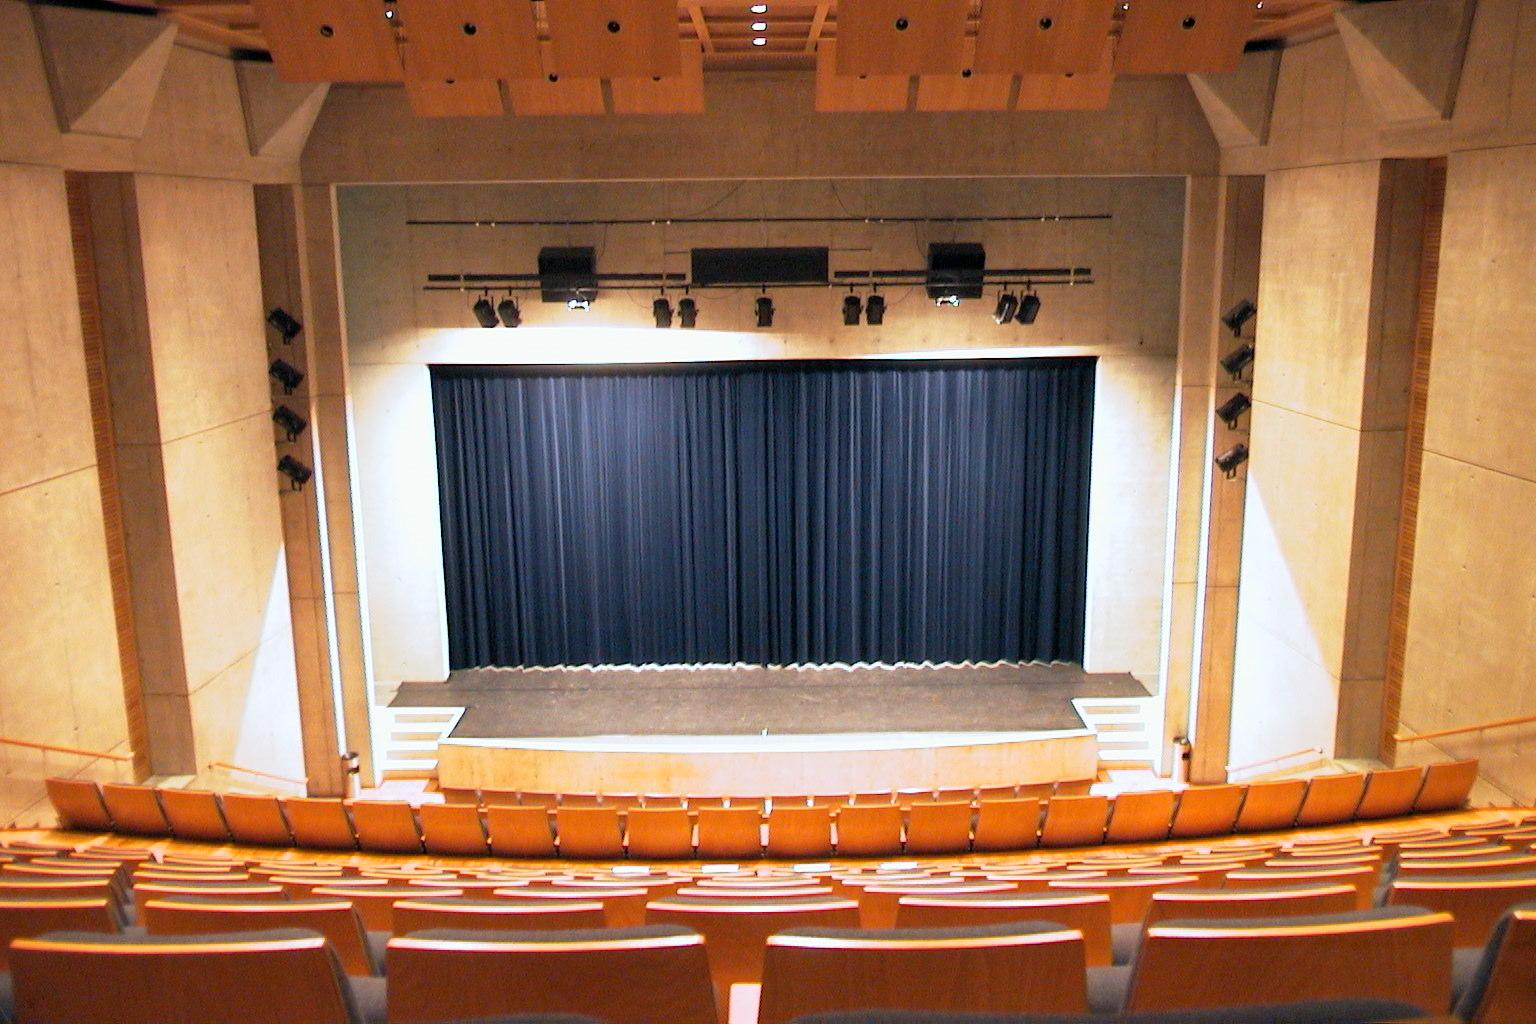 Theatre festival avignon - 1 part 10